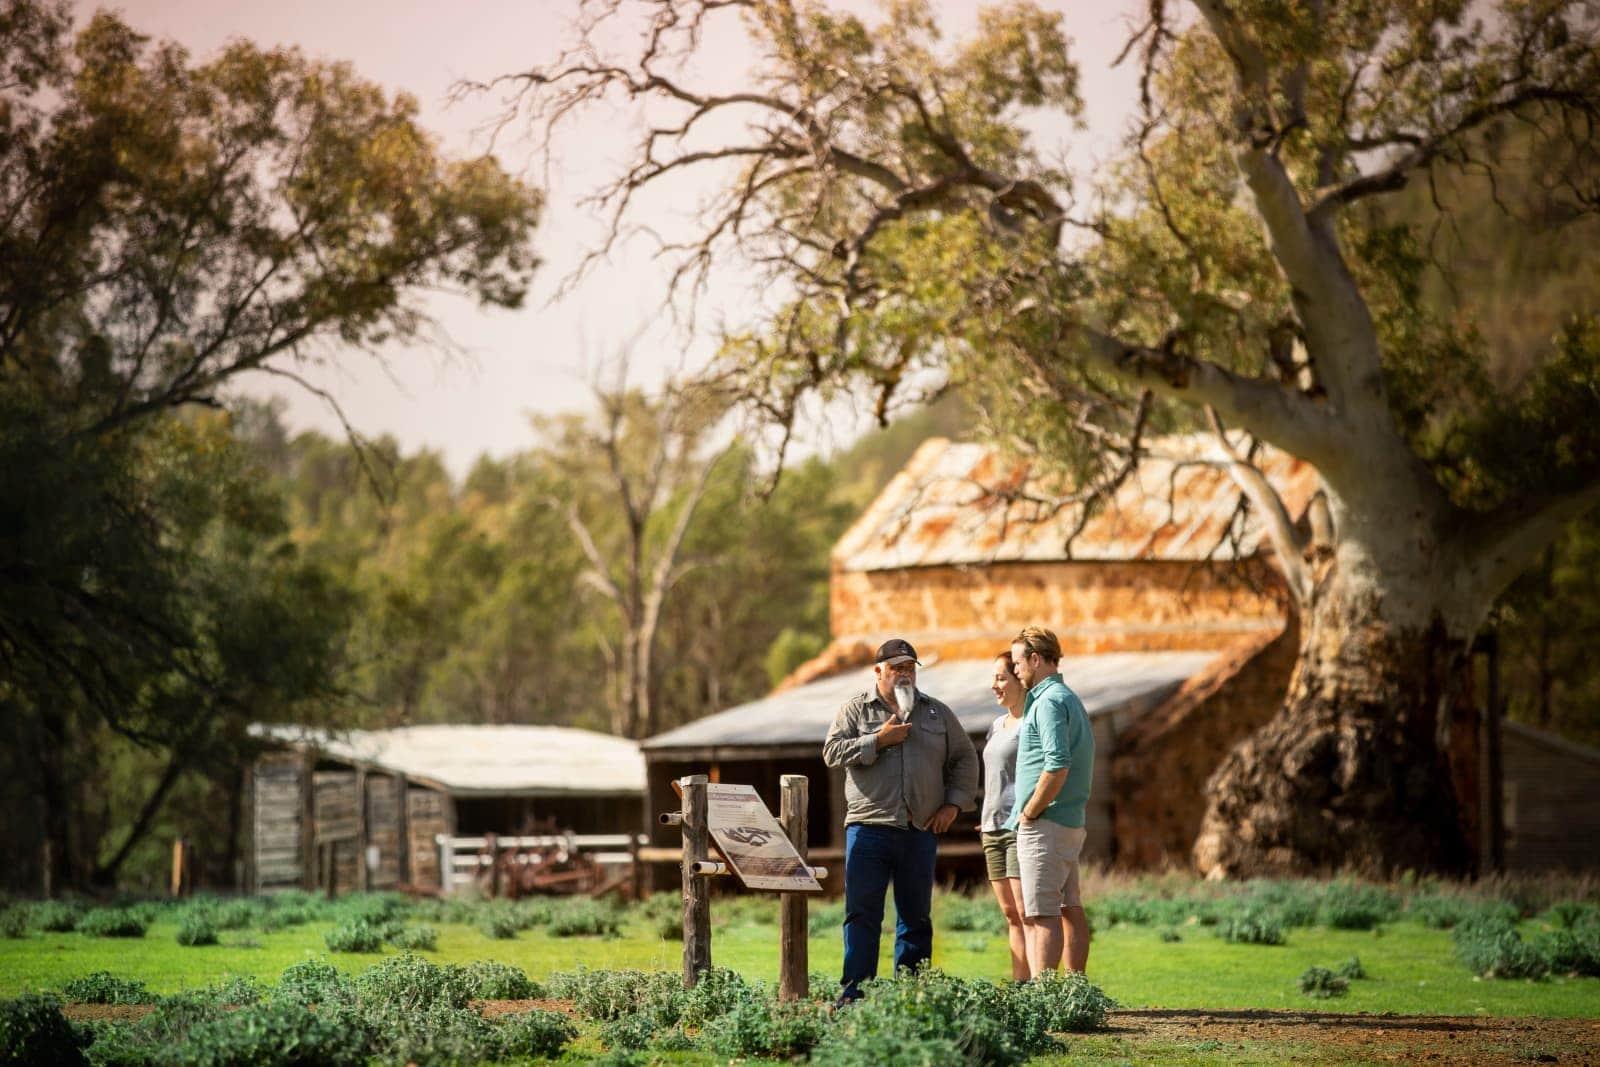 Auf den Spuren der Aborigines in Australien: Das Wilpena Pound Resort bietet traditionelle Führungen zu einer 550 Millionen Jahre alten Fossilienfundstelle und Felsmalereien.